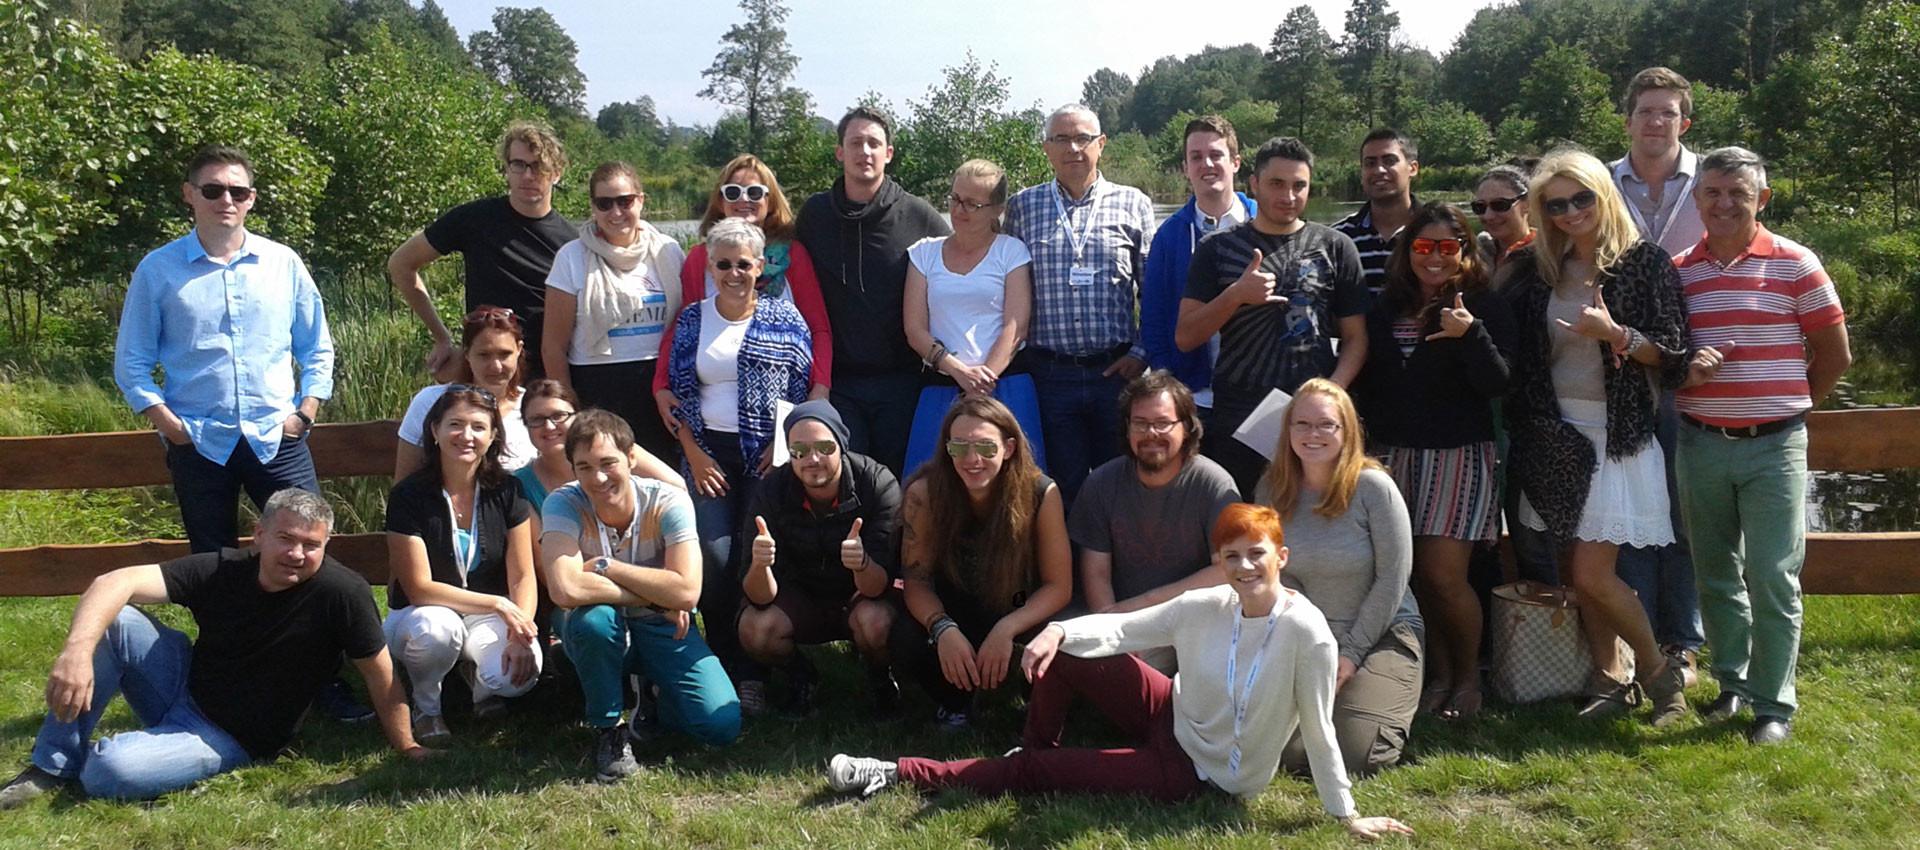 szkoły językowe warszawa - kursy językowe za granicą